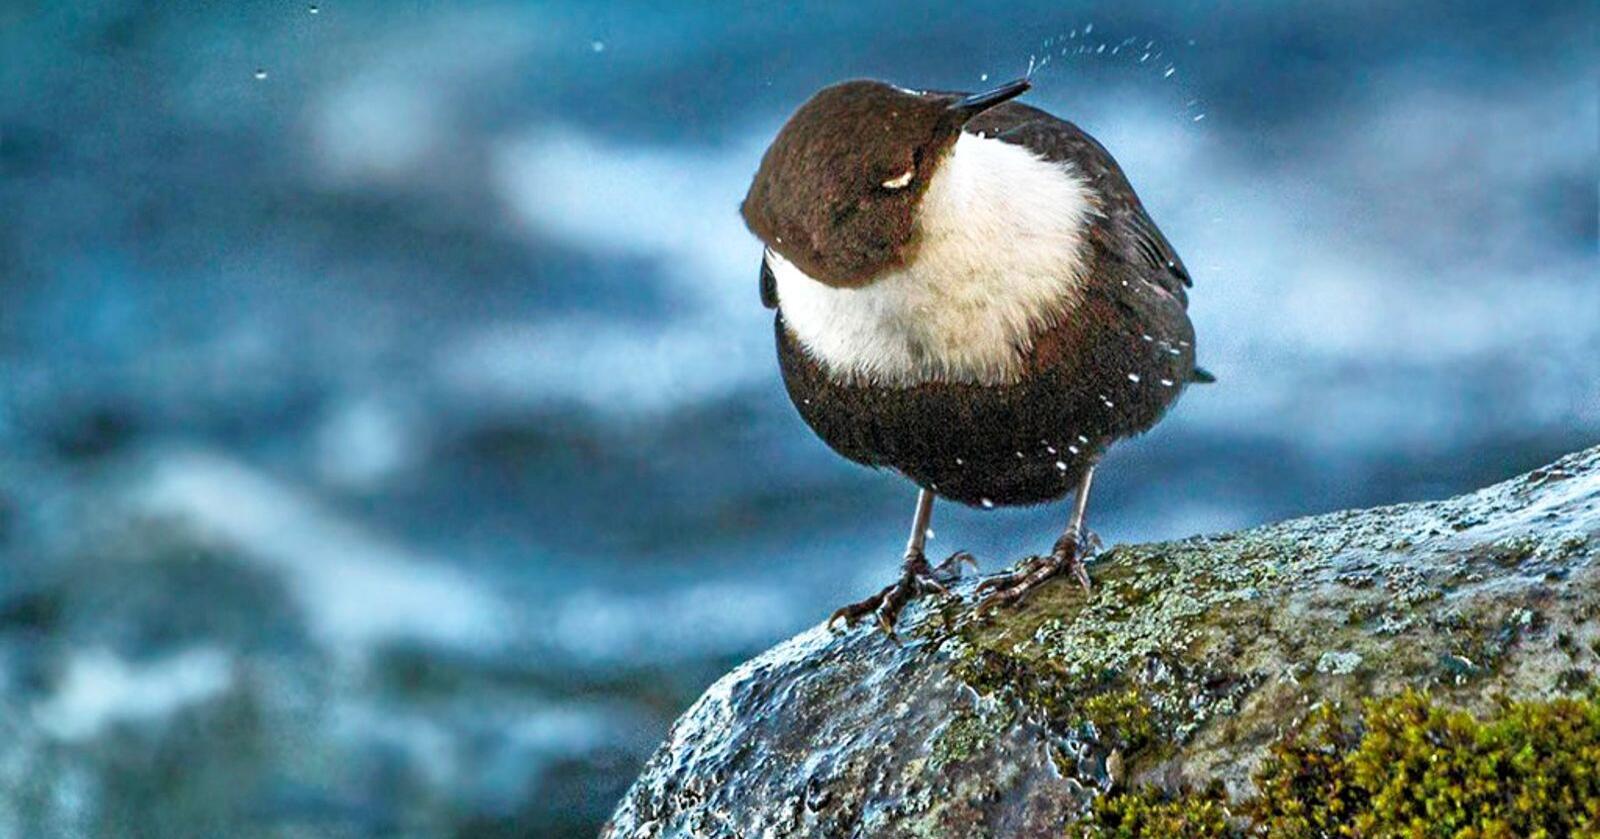 Foss: Norges nasjonalfugl fossekallen bygger gjerne reir i fossespruten. Foto: Per Harald Olsen / NTNU